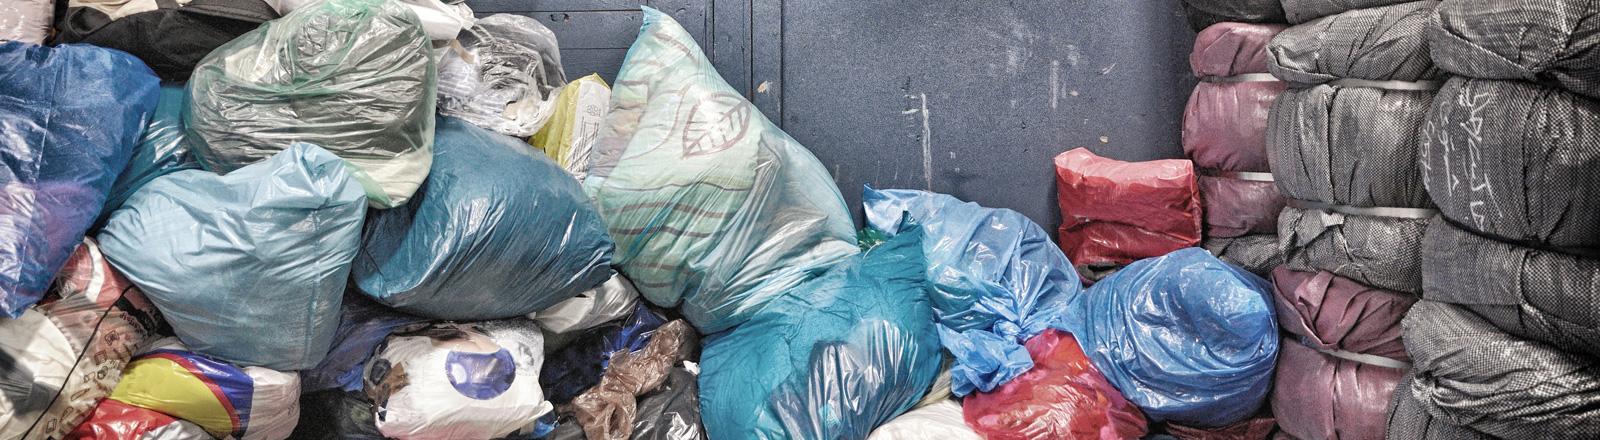 Ein Haufen bunter Müllsäcke, die übereinander liegen. Teils kann man Kleidung in den Säcken erkennen.